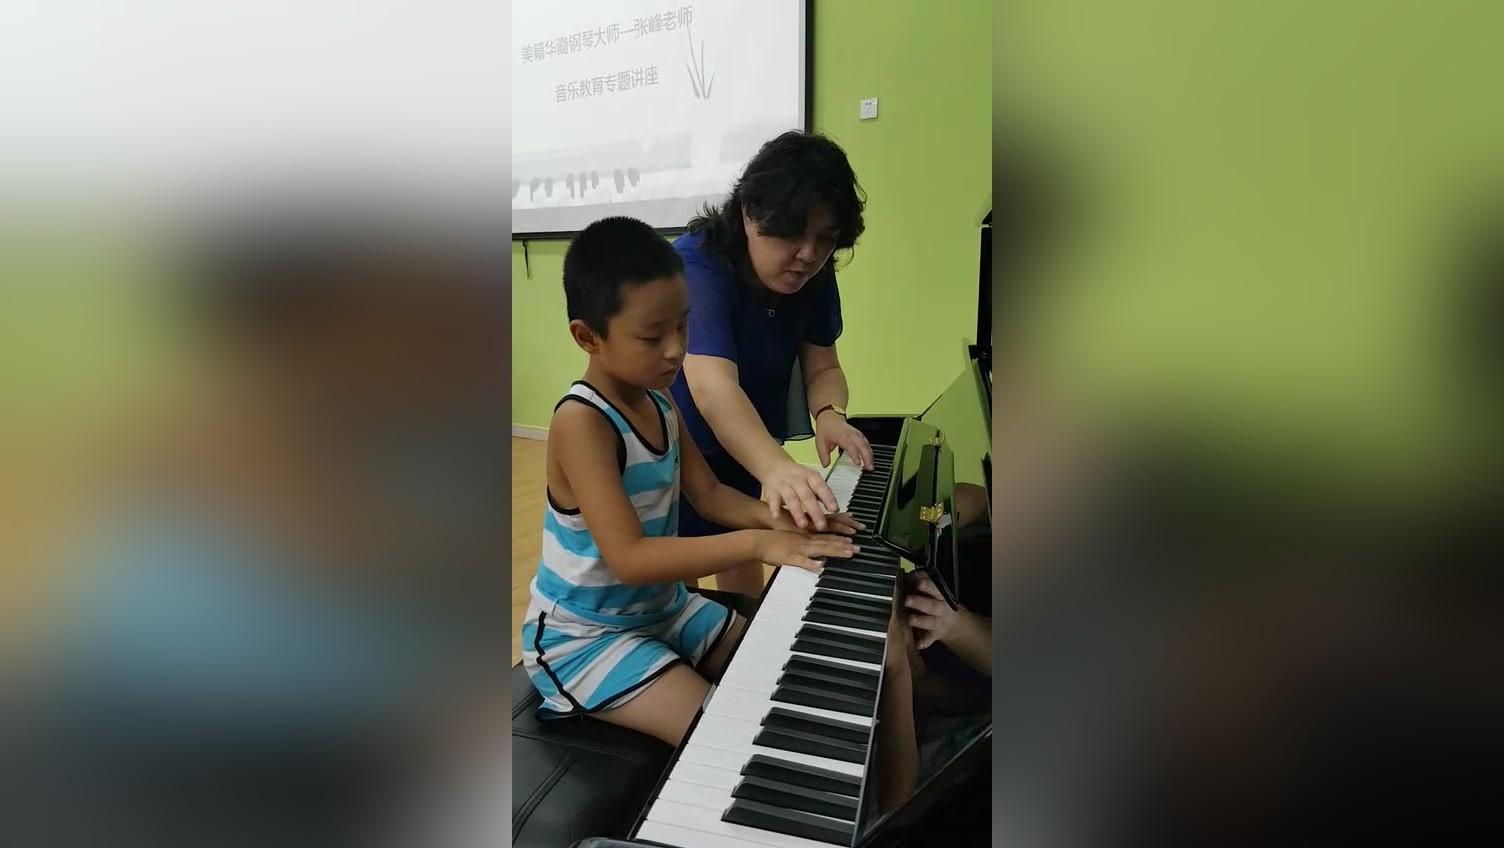 美籍华人张峰老师让零基础的孩子5分钟熟练弹奏1首钢琴曲